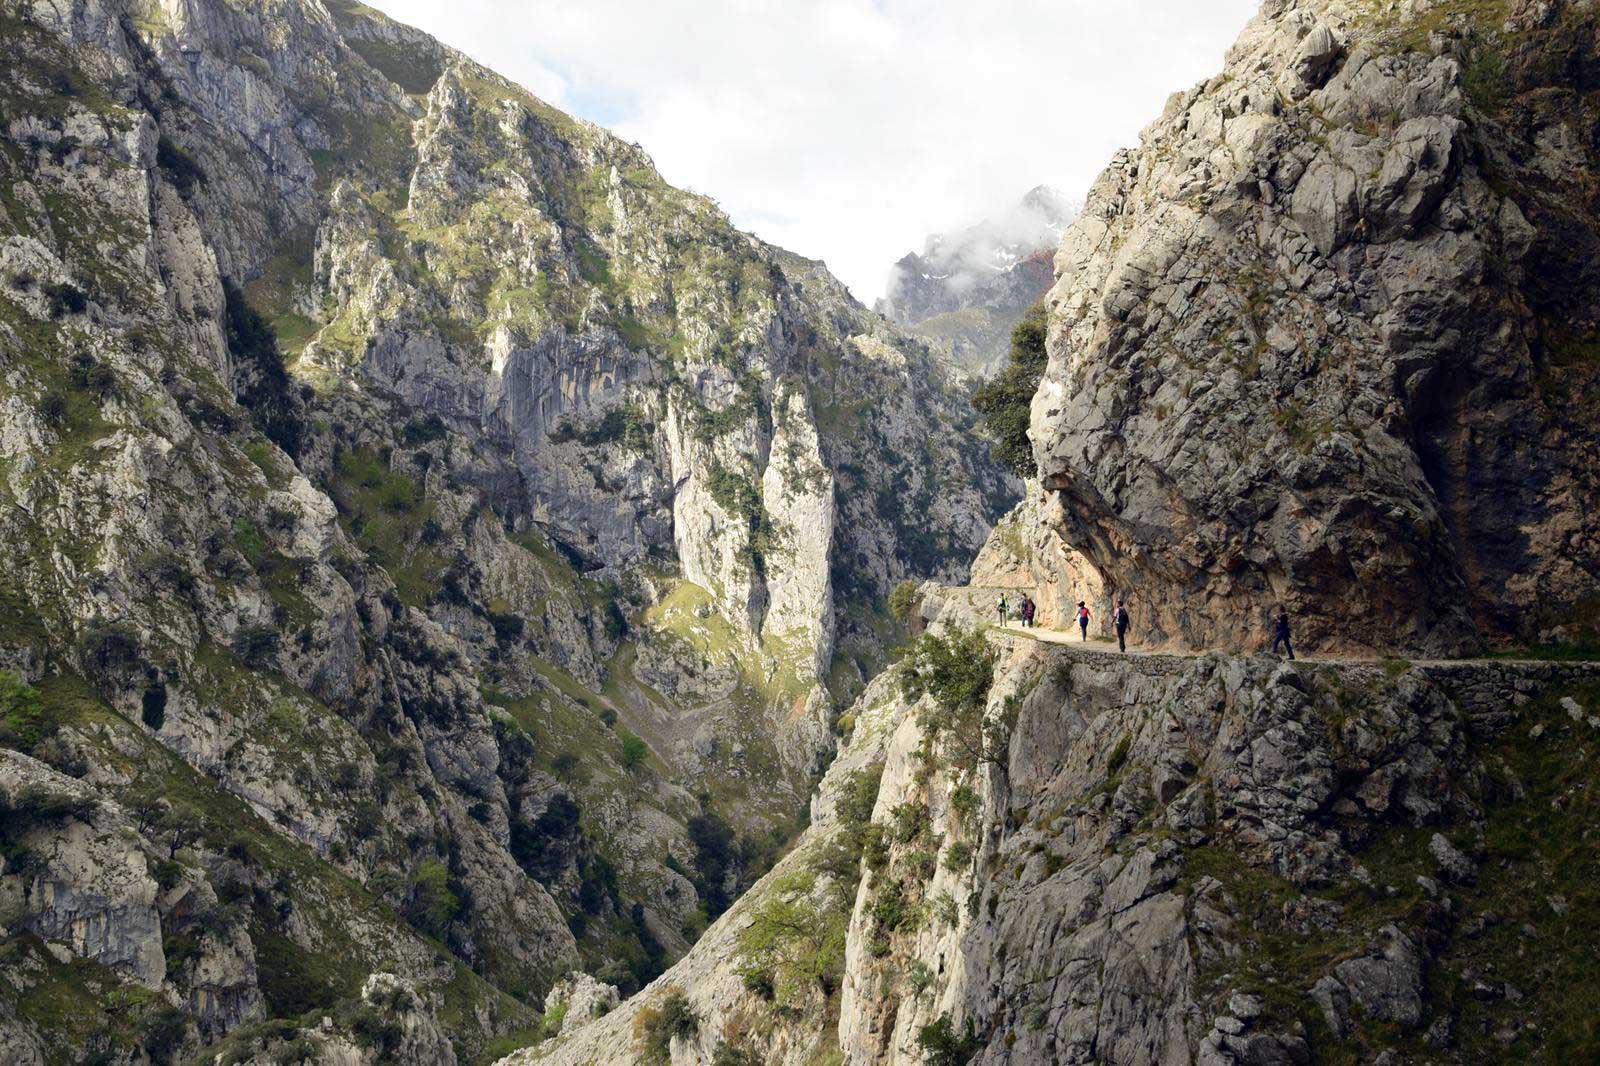 À descoberta dos picos da Europa - 2ª edição 2020